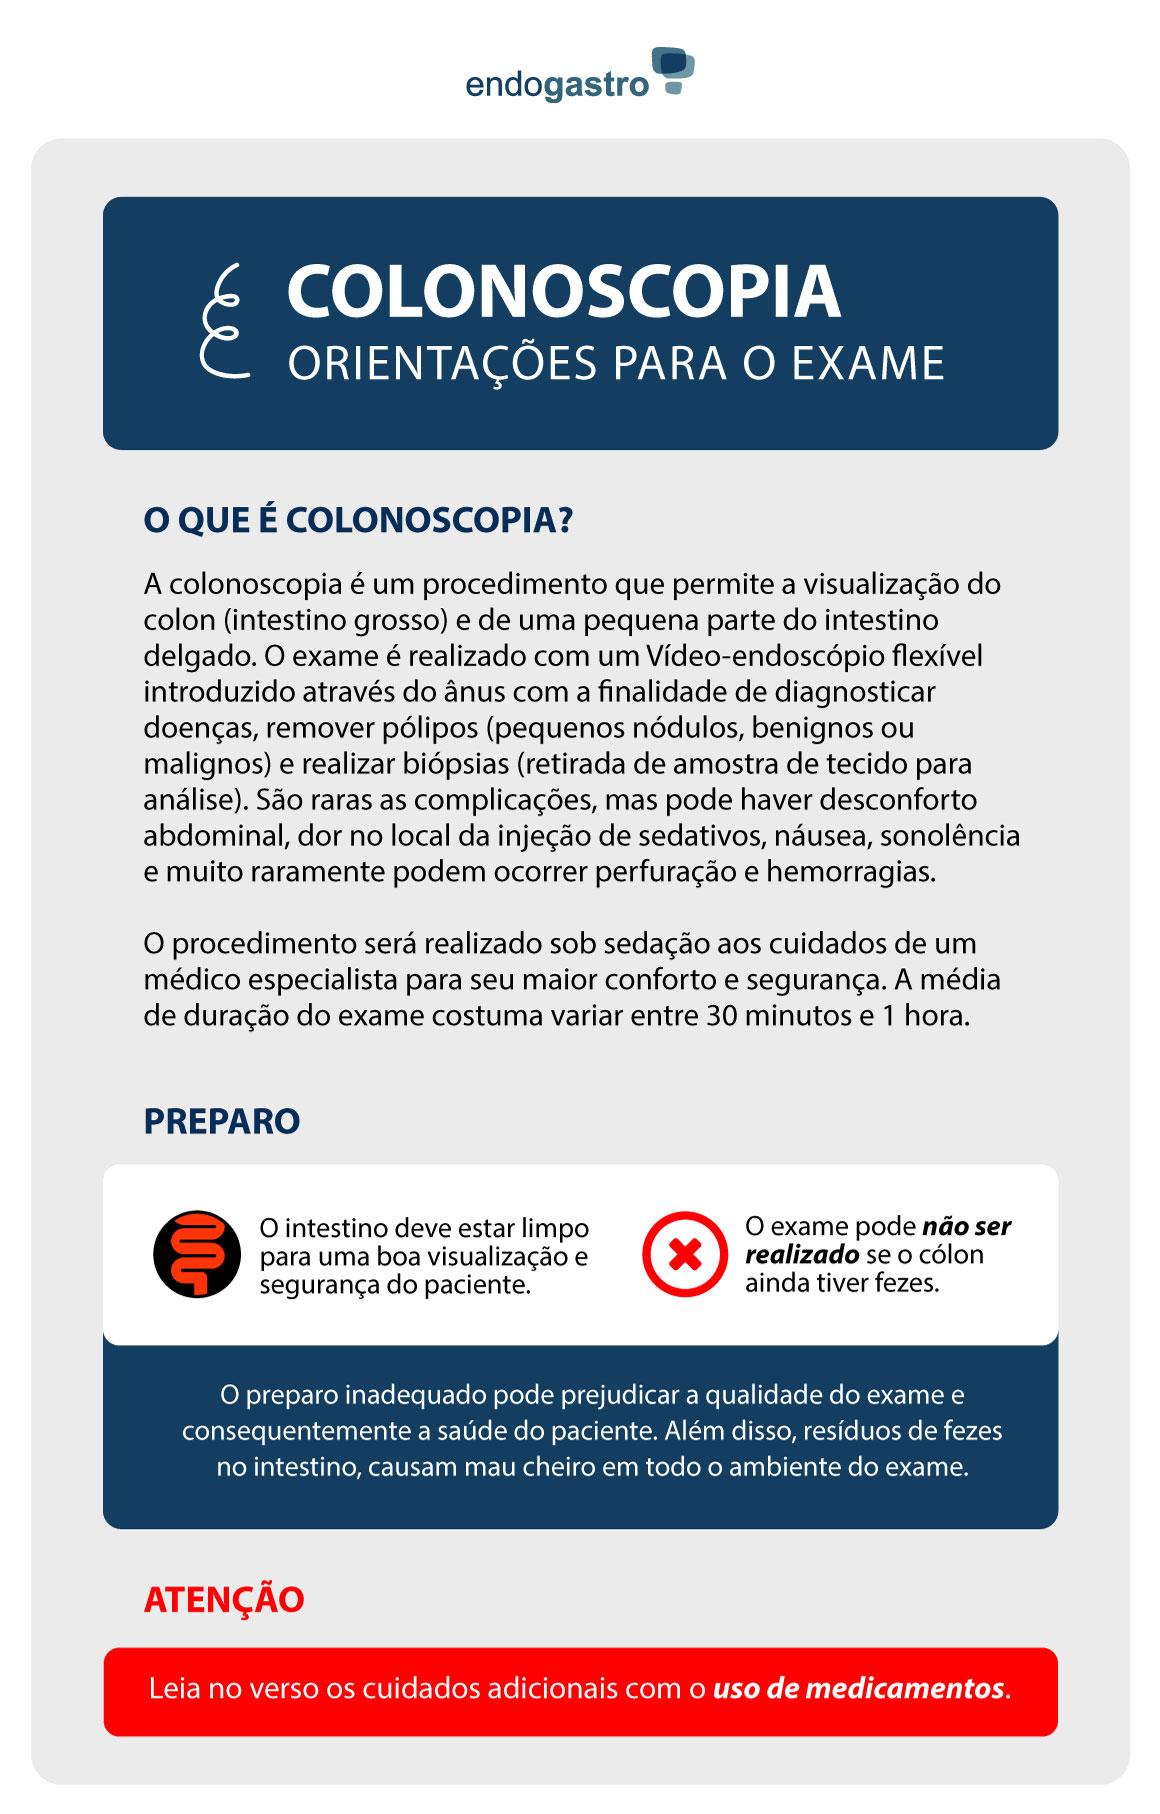 http://endogastro.com.br/wp-content/uploads/2020/08/END_002_16-AF_Folheto_Colonoscopia-2020_v3_web_01.jpg